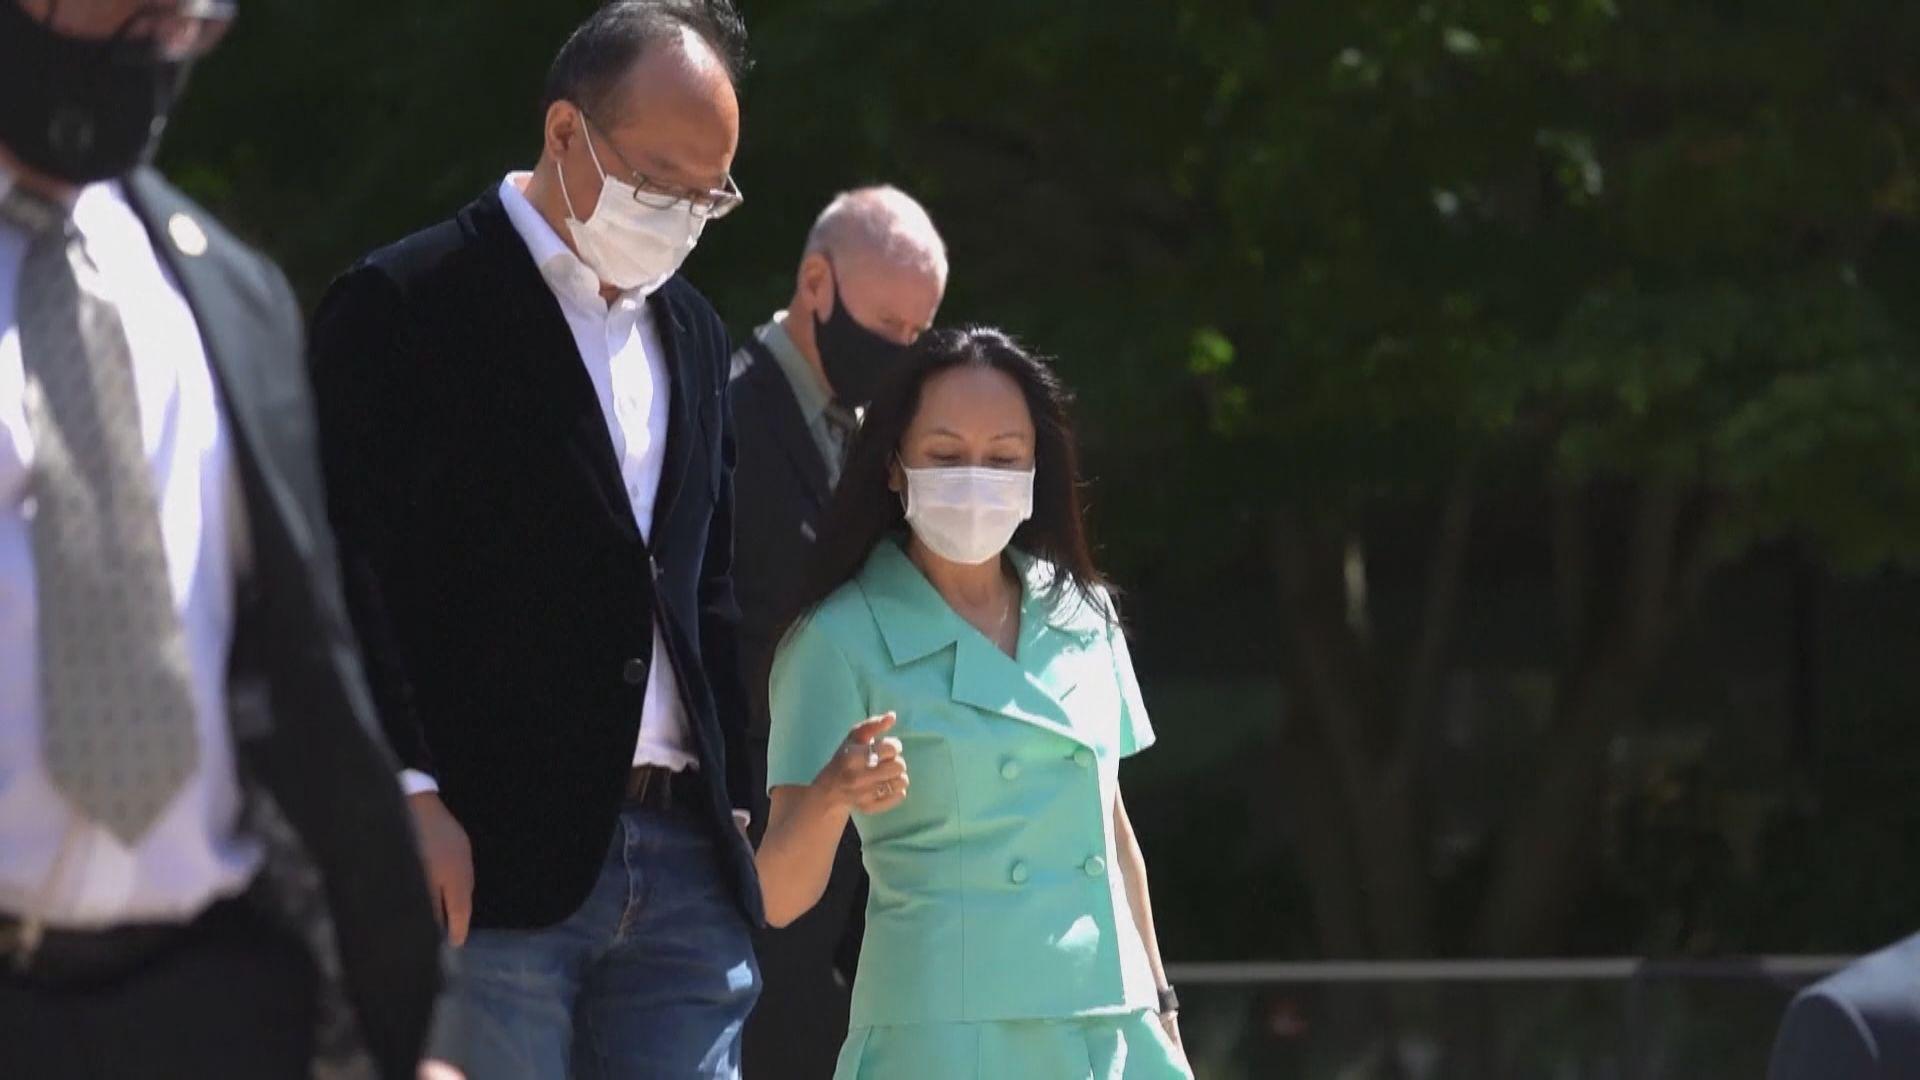 據報孟晚舟一方與美國商討認罪協議 若她認罪或能回國